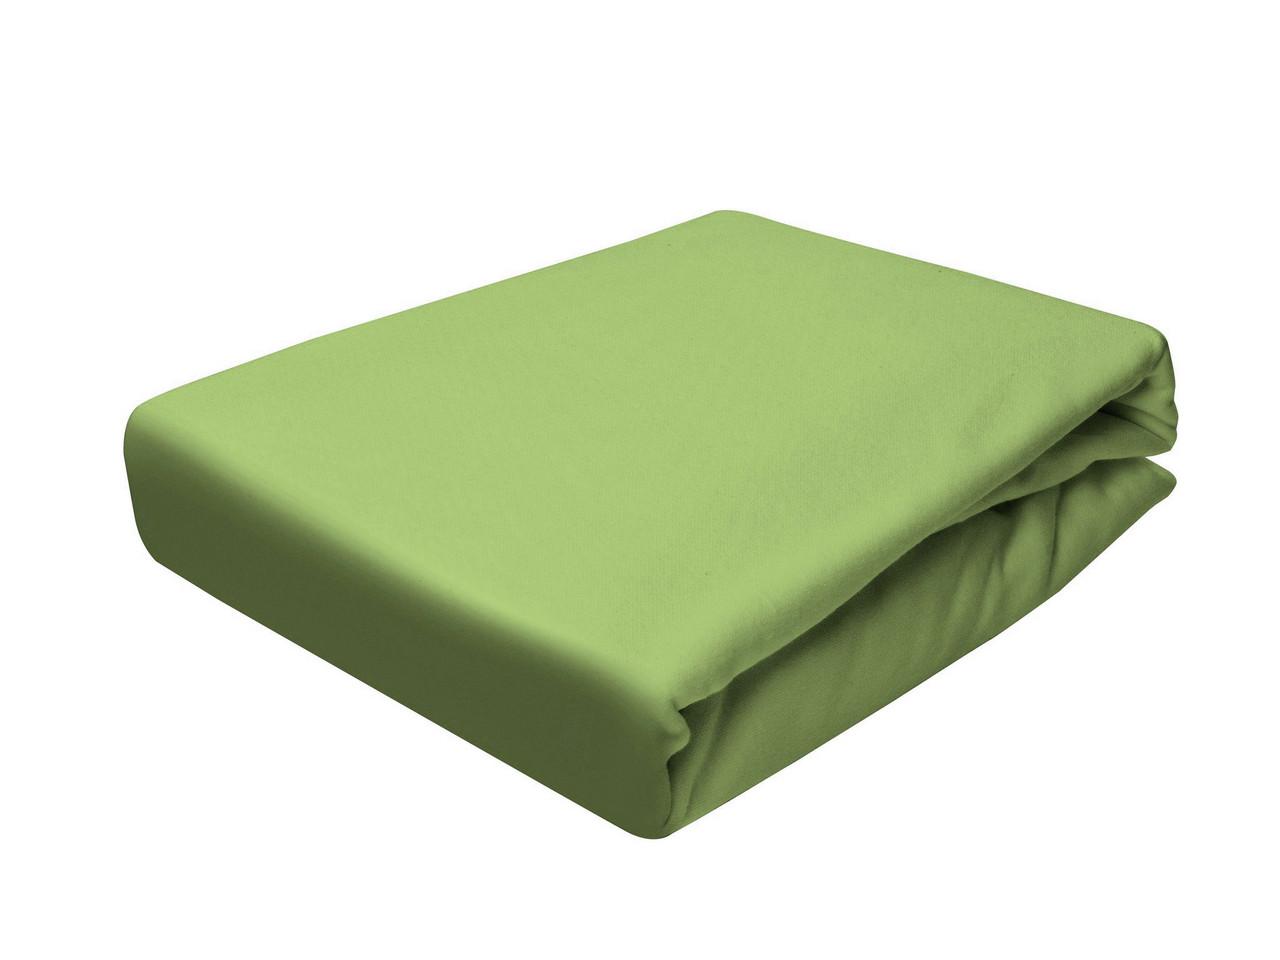 Простыня Трикотажная На резинке NR 036 P.P.H.U. J&M 5422 160x200 см Зеленая